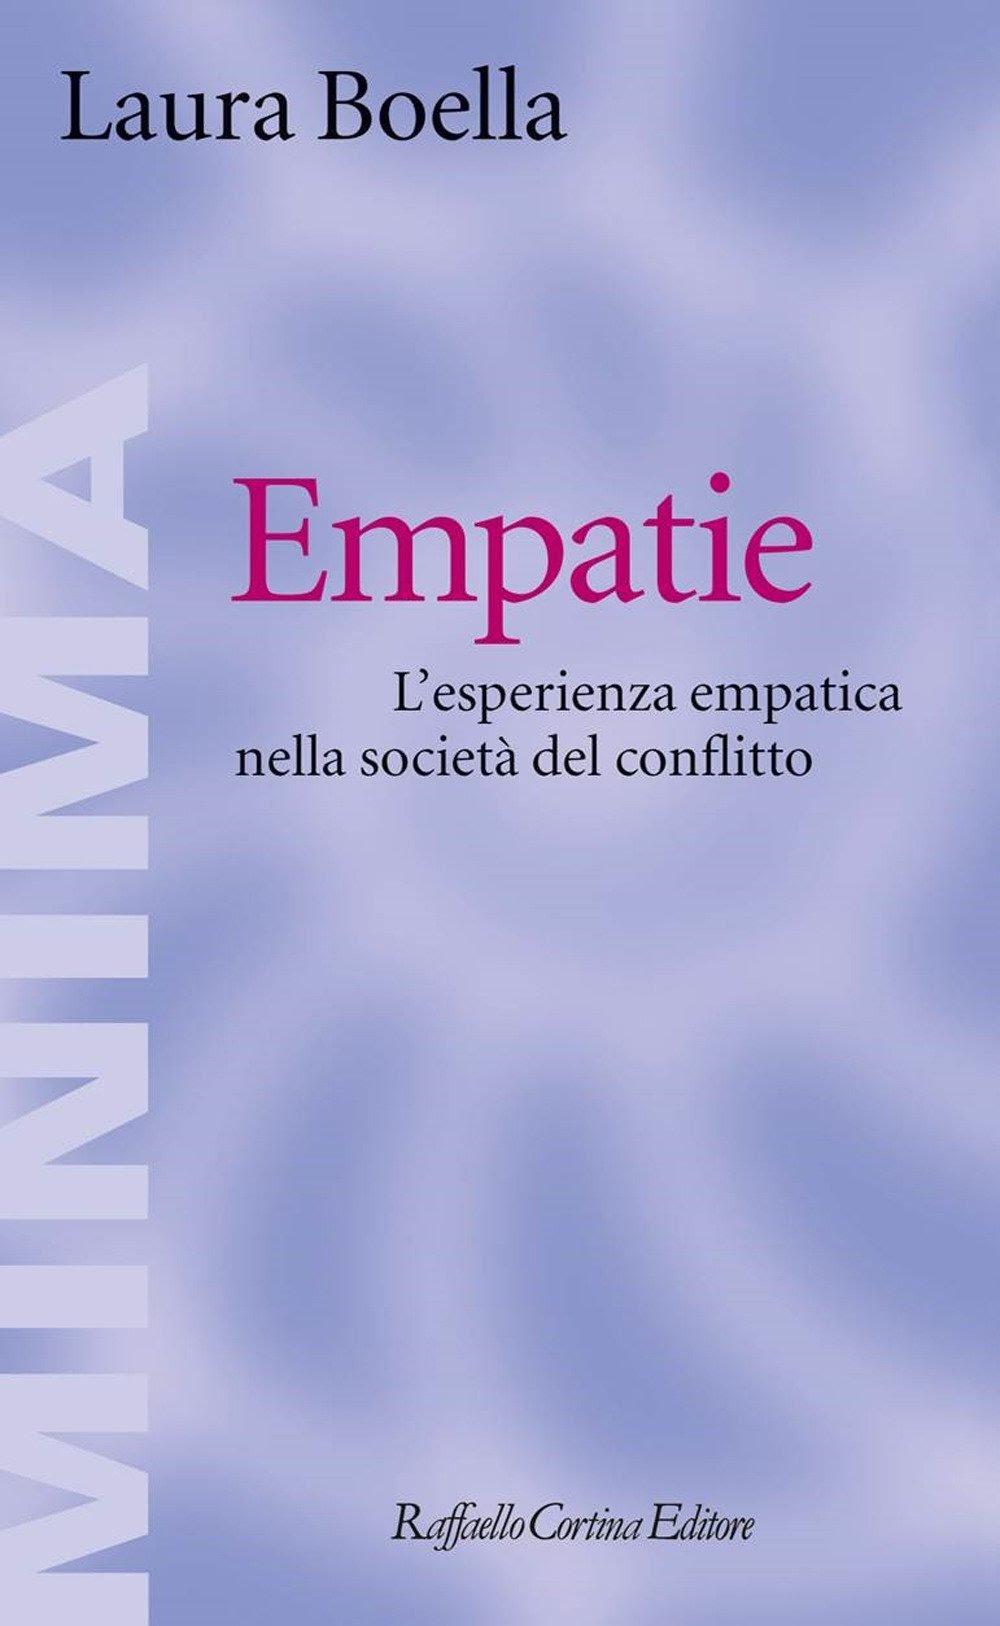 """""""Empatie"""": Laura Boella presenta il suo ultimolibro"""